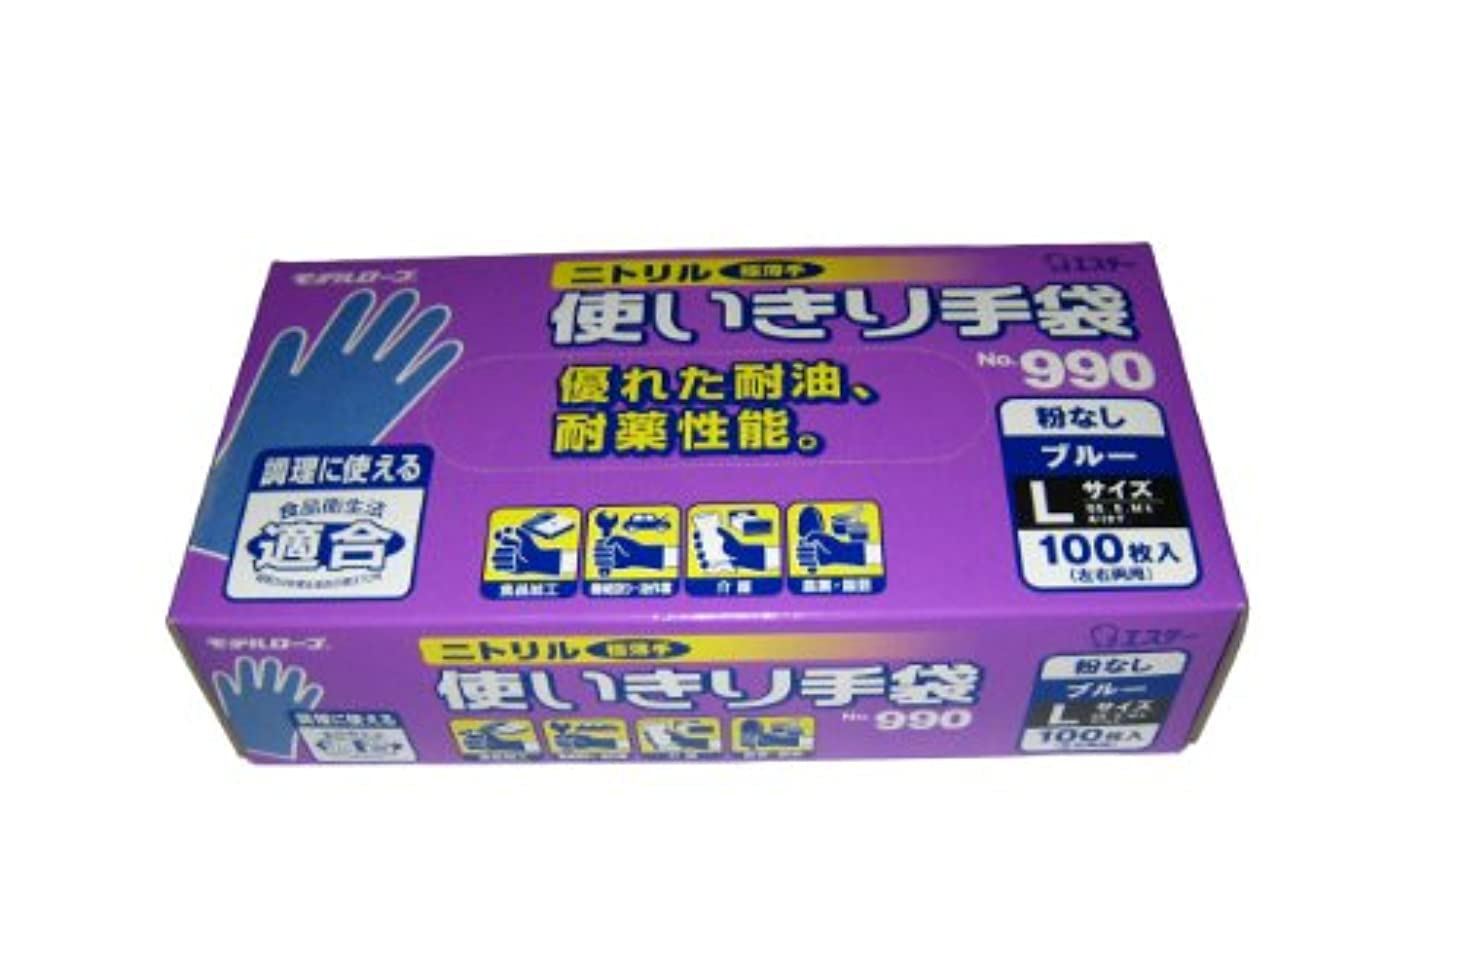 誘発するバンド主導権エステー ニトリル手袋 粉なし(100枚入)L ブルー No.990